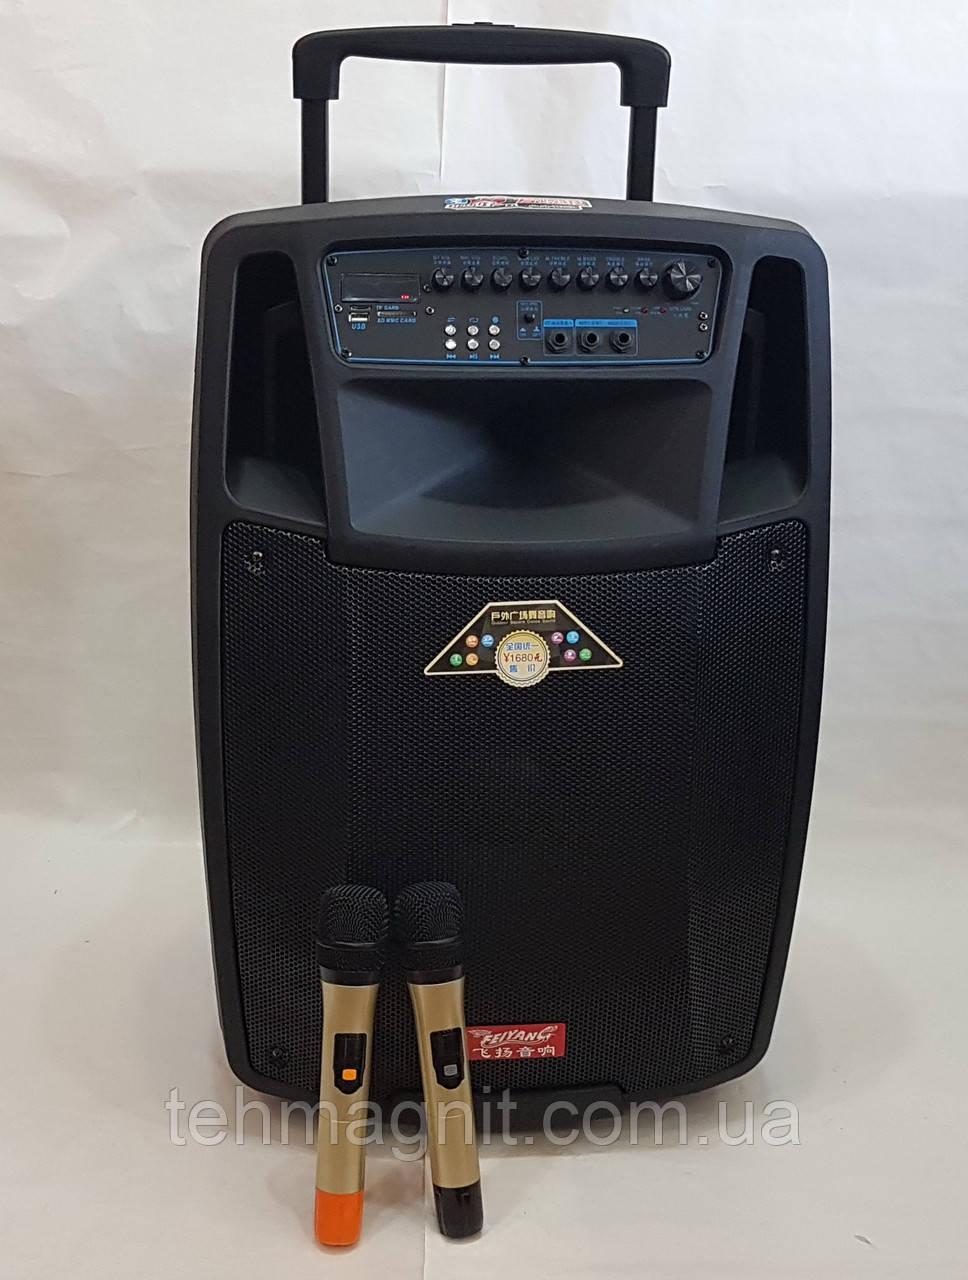 Портативна Акустика SL15-01 з мікрофонами 400W (USB/Bluetooth/Пульт ДУ)